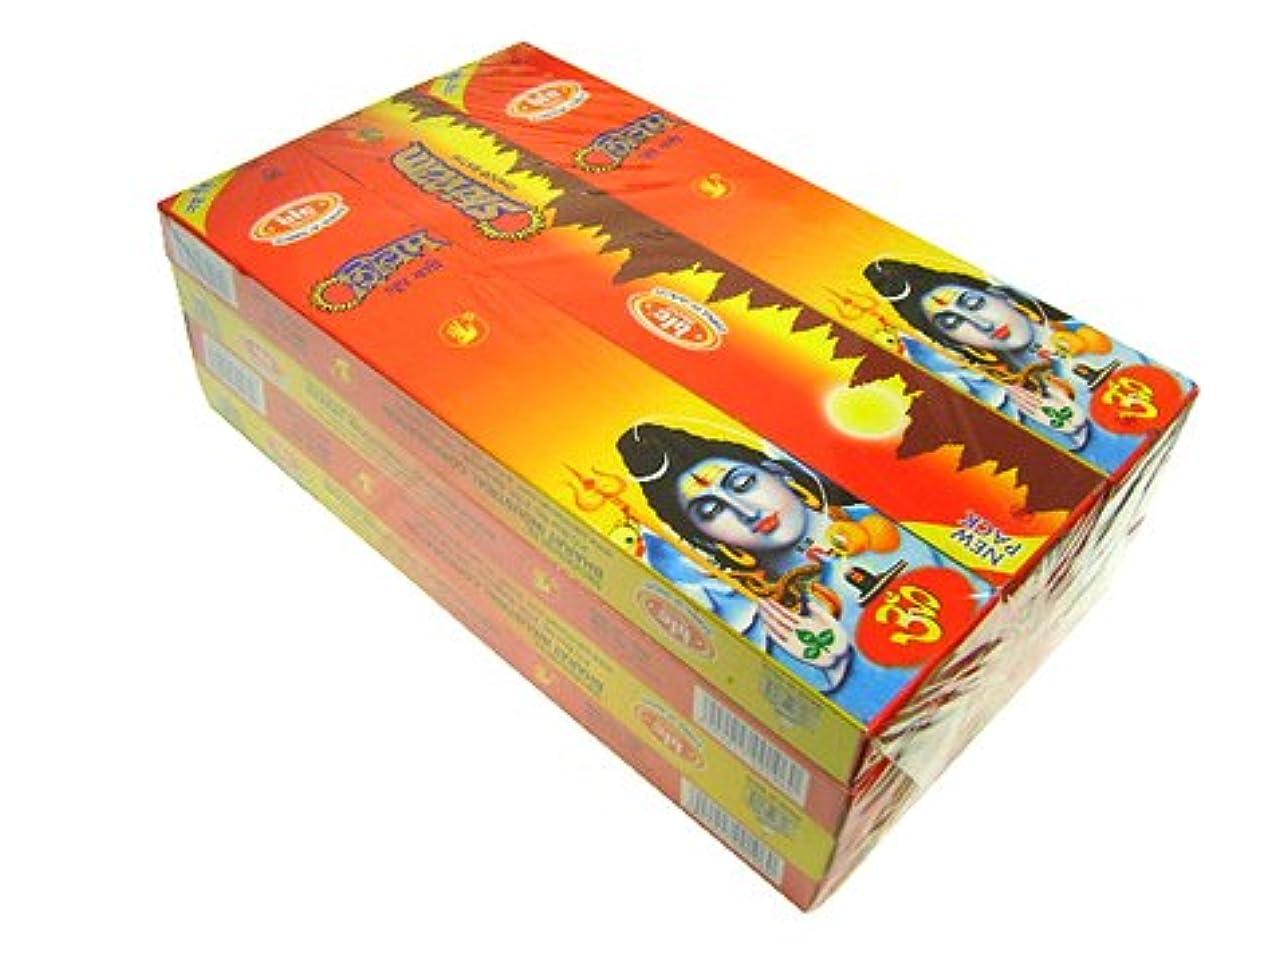 釈義うがい薬アパートBIC(ビック) シヴァム香(レギュラーボックス) スティック SHIVAM REG BOX 12箱セット